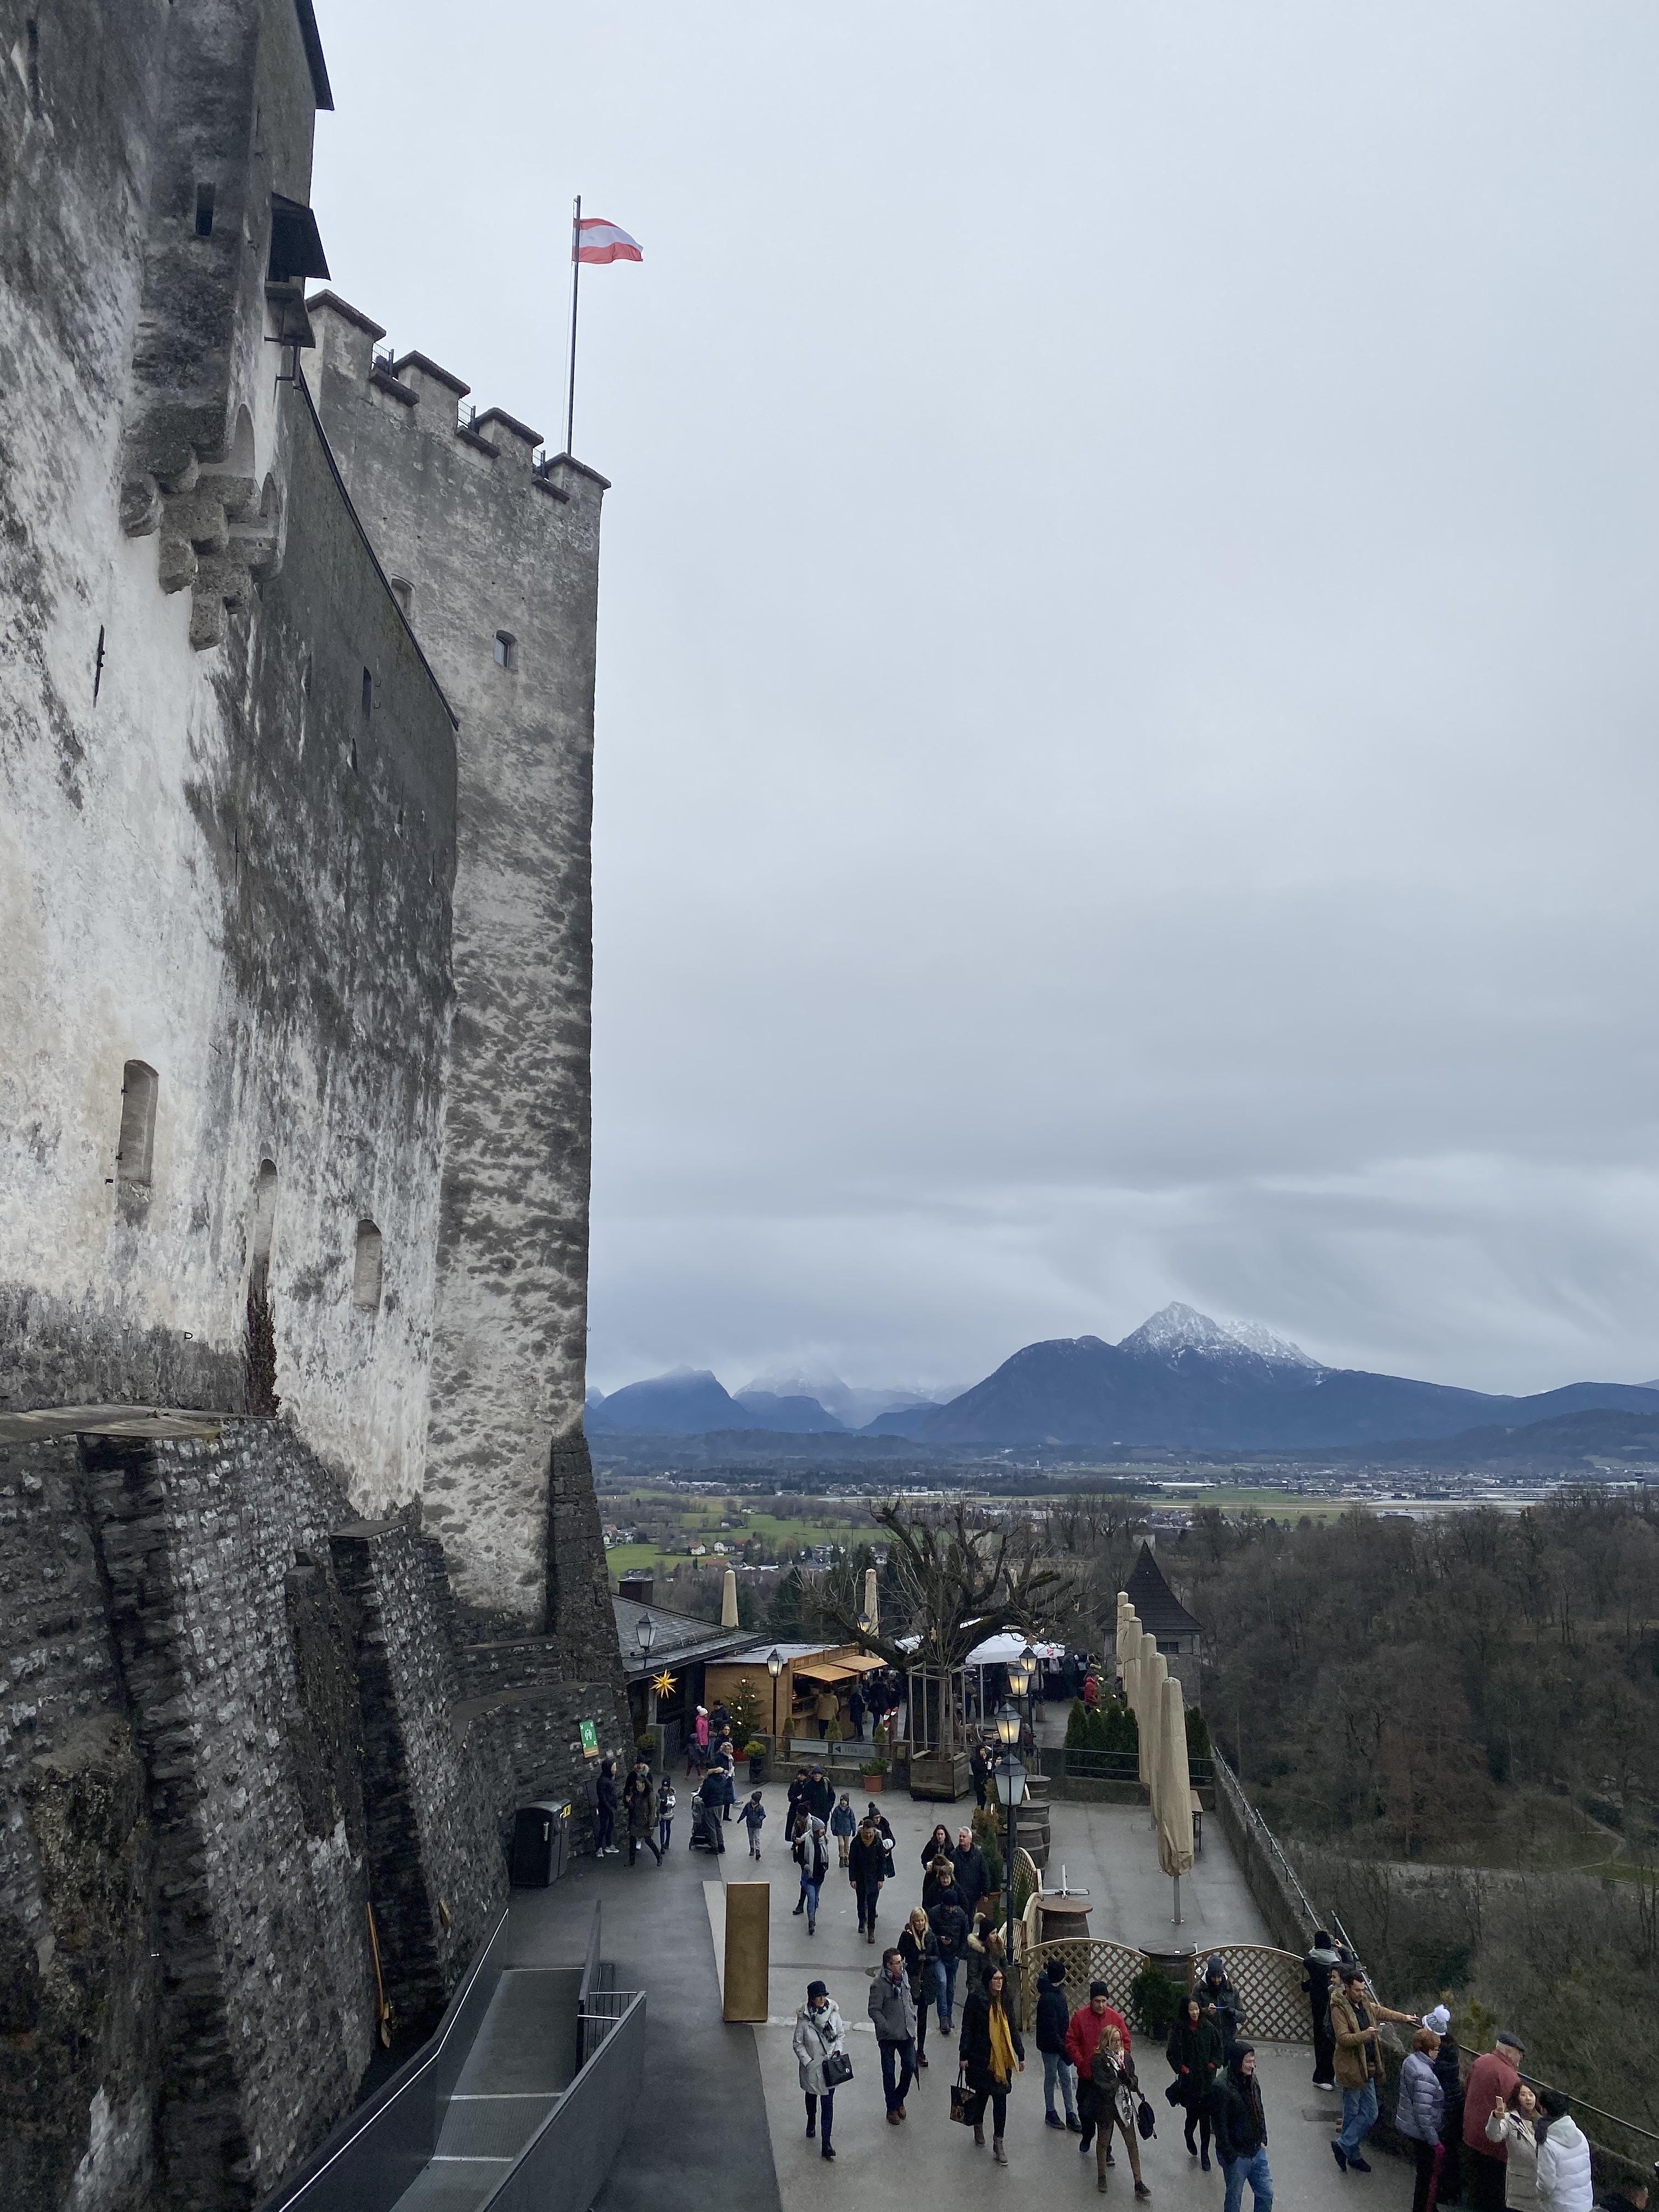 Views from Hohensalzburg Fortress in Salzburg.